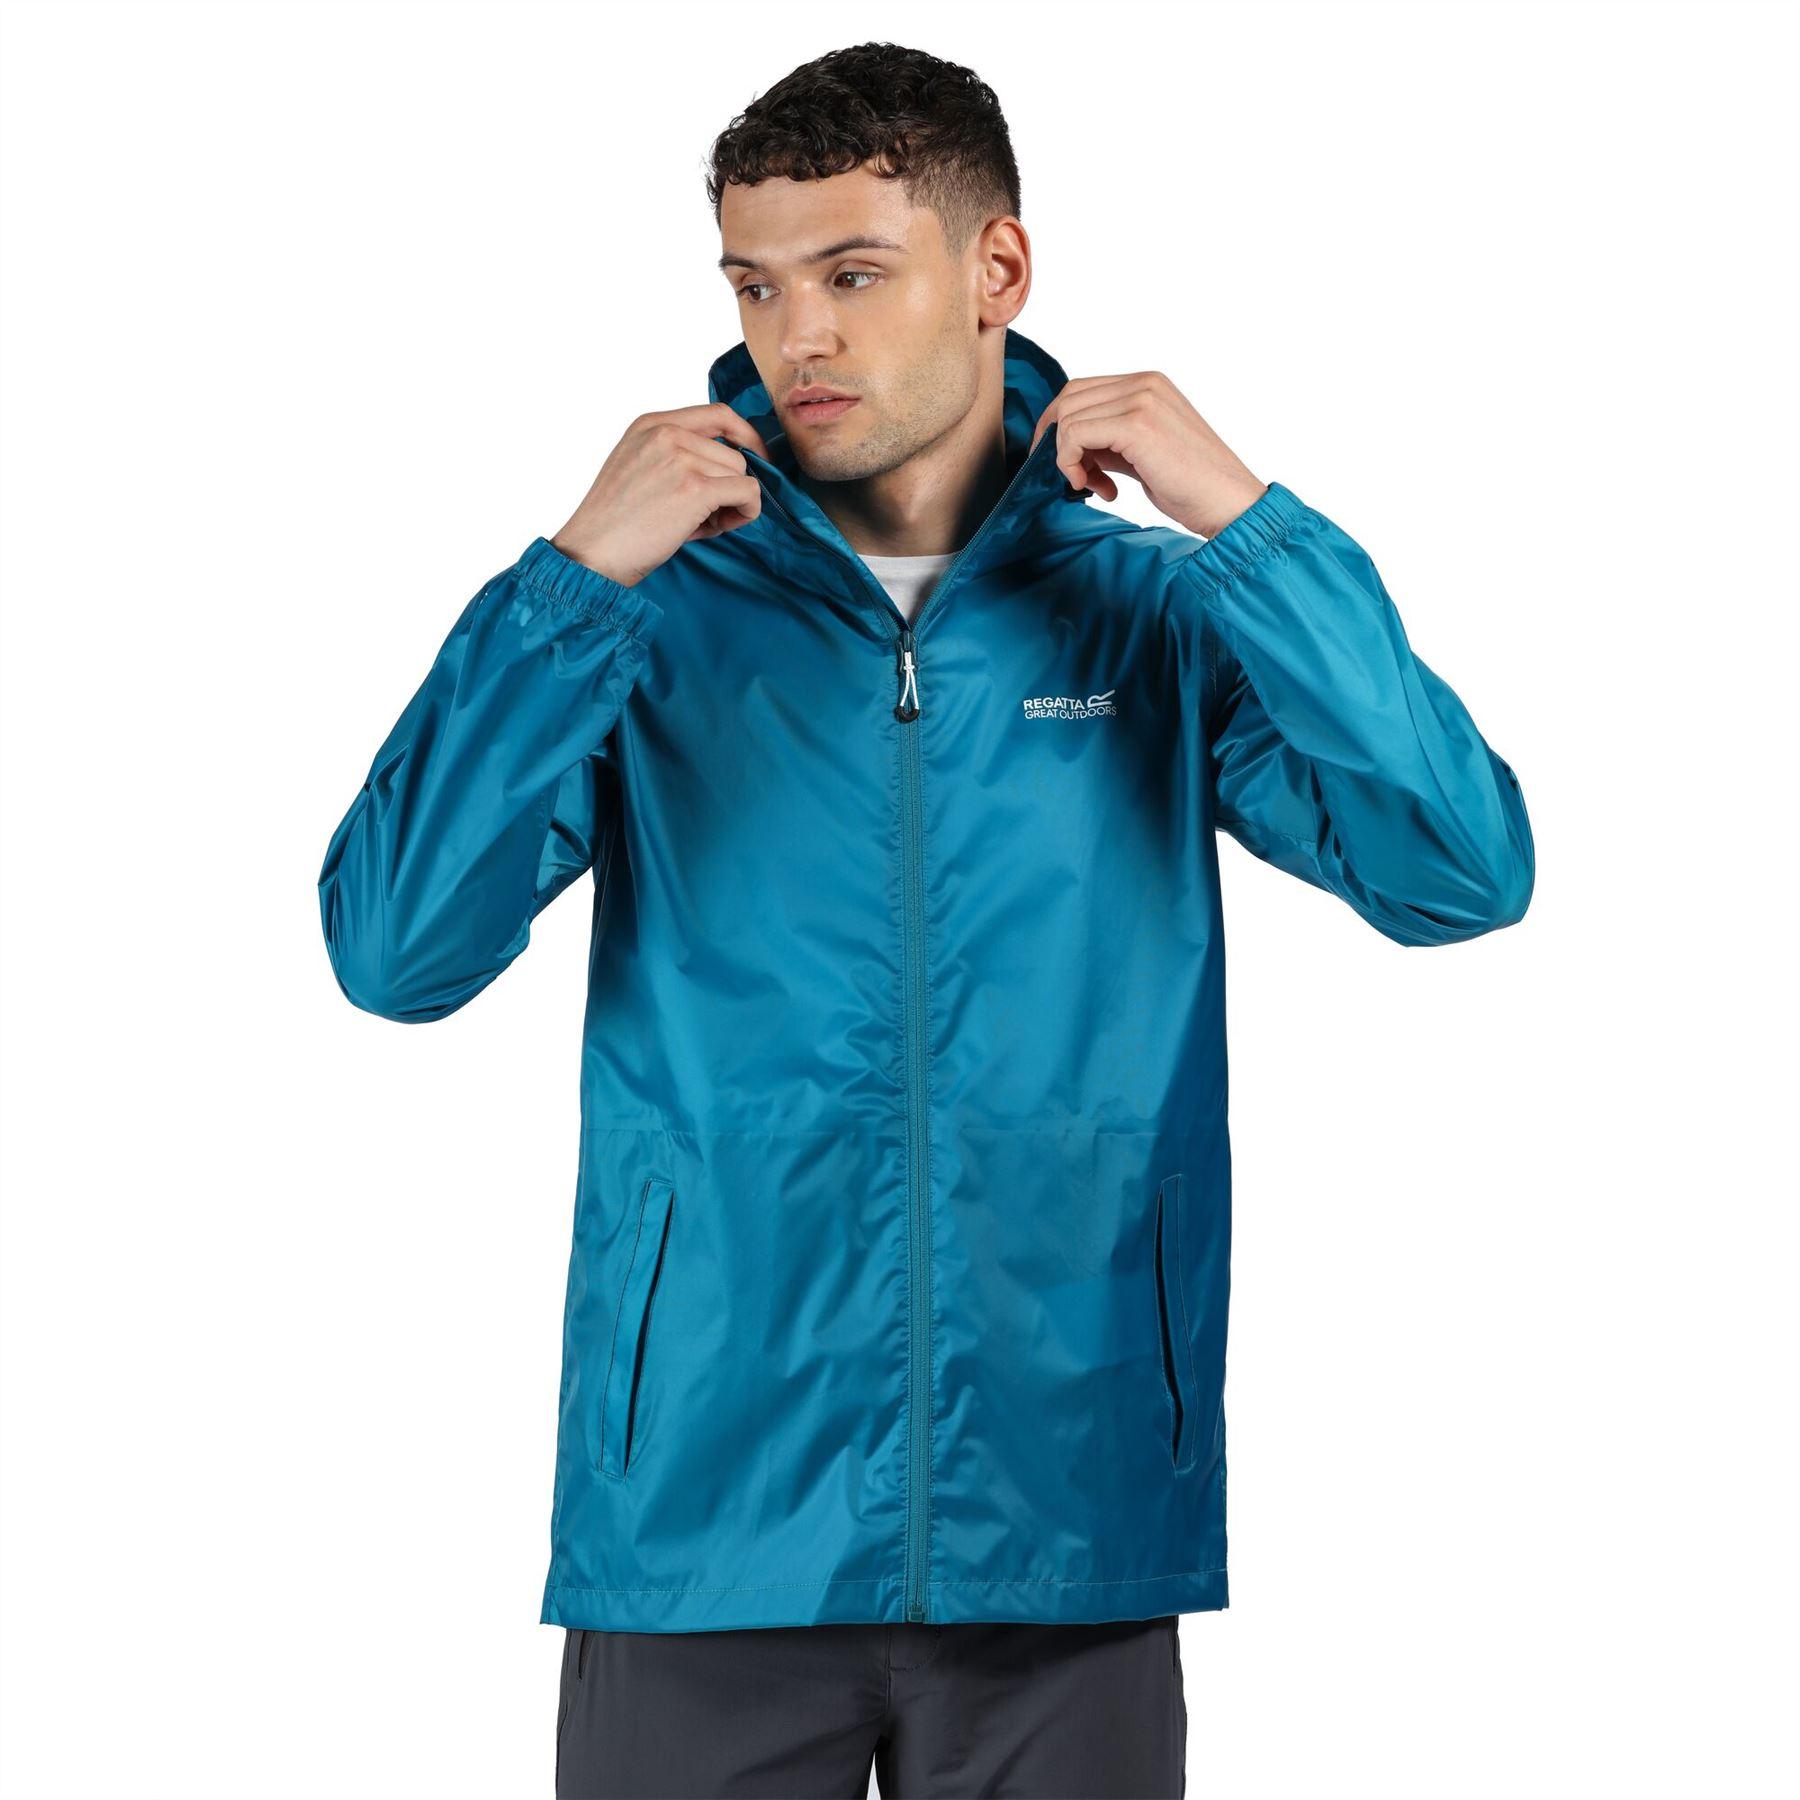 miniatuur 30 - Regatta Mens Pack-it In a bag Packable Waterproof Jacket Outdoor Pack a mac